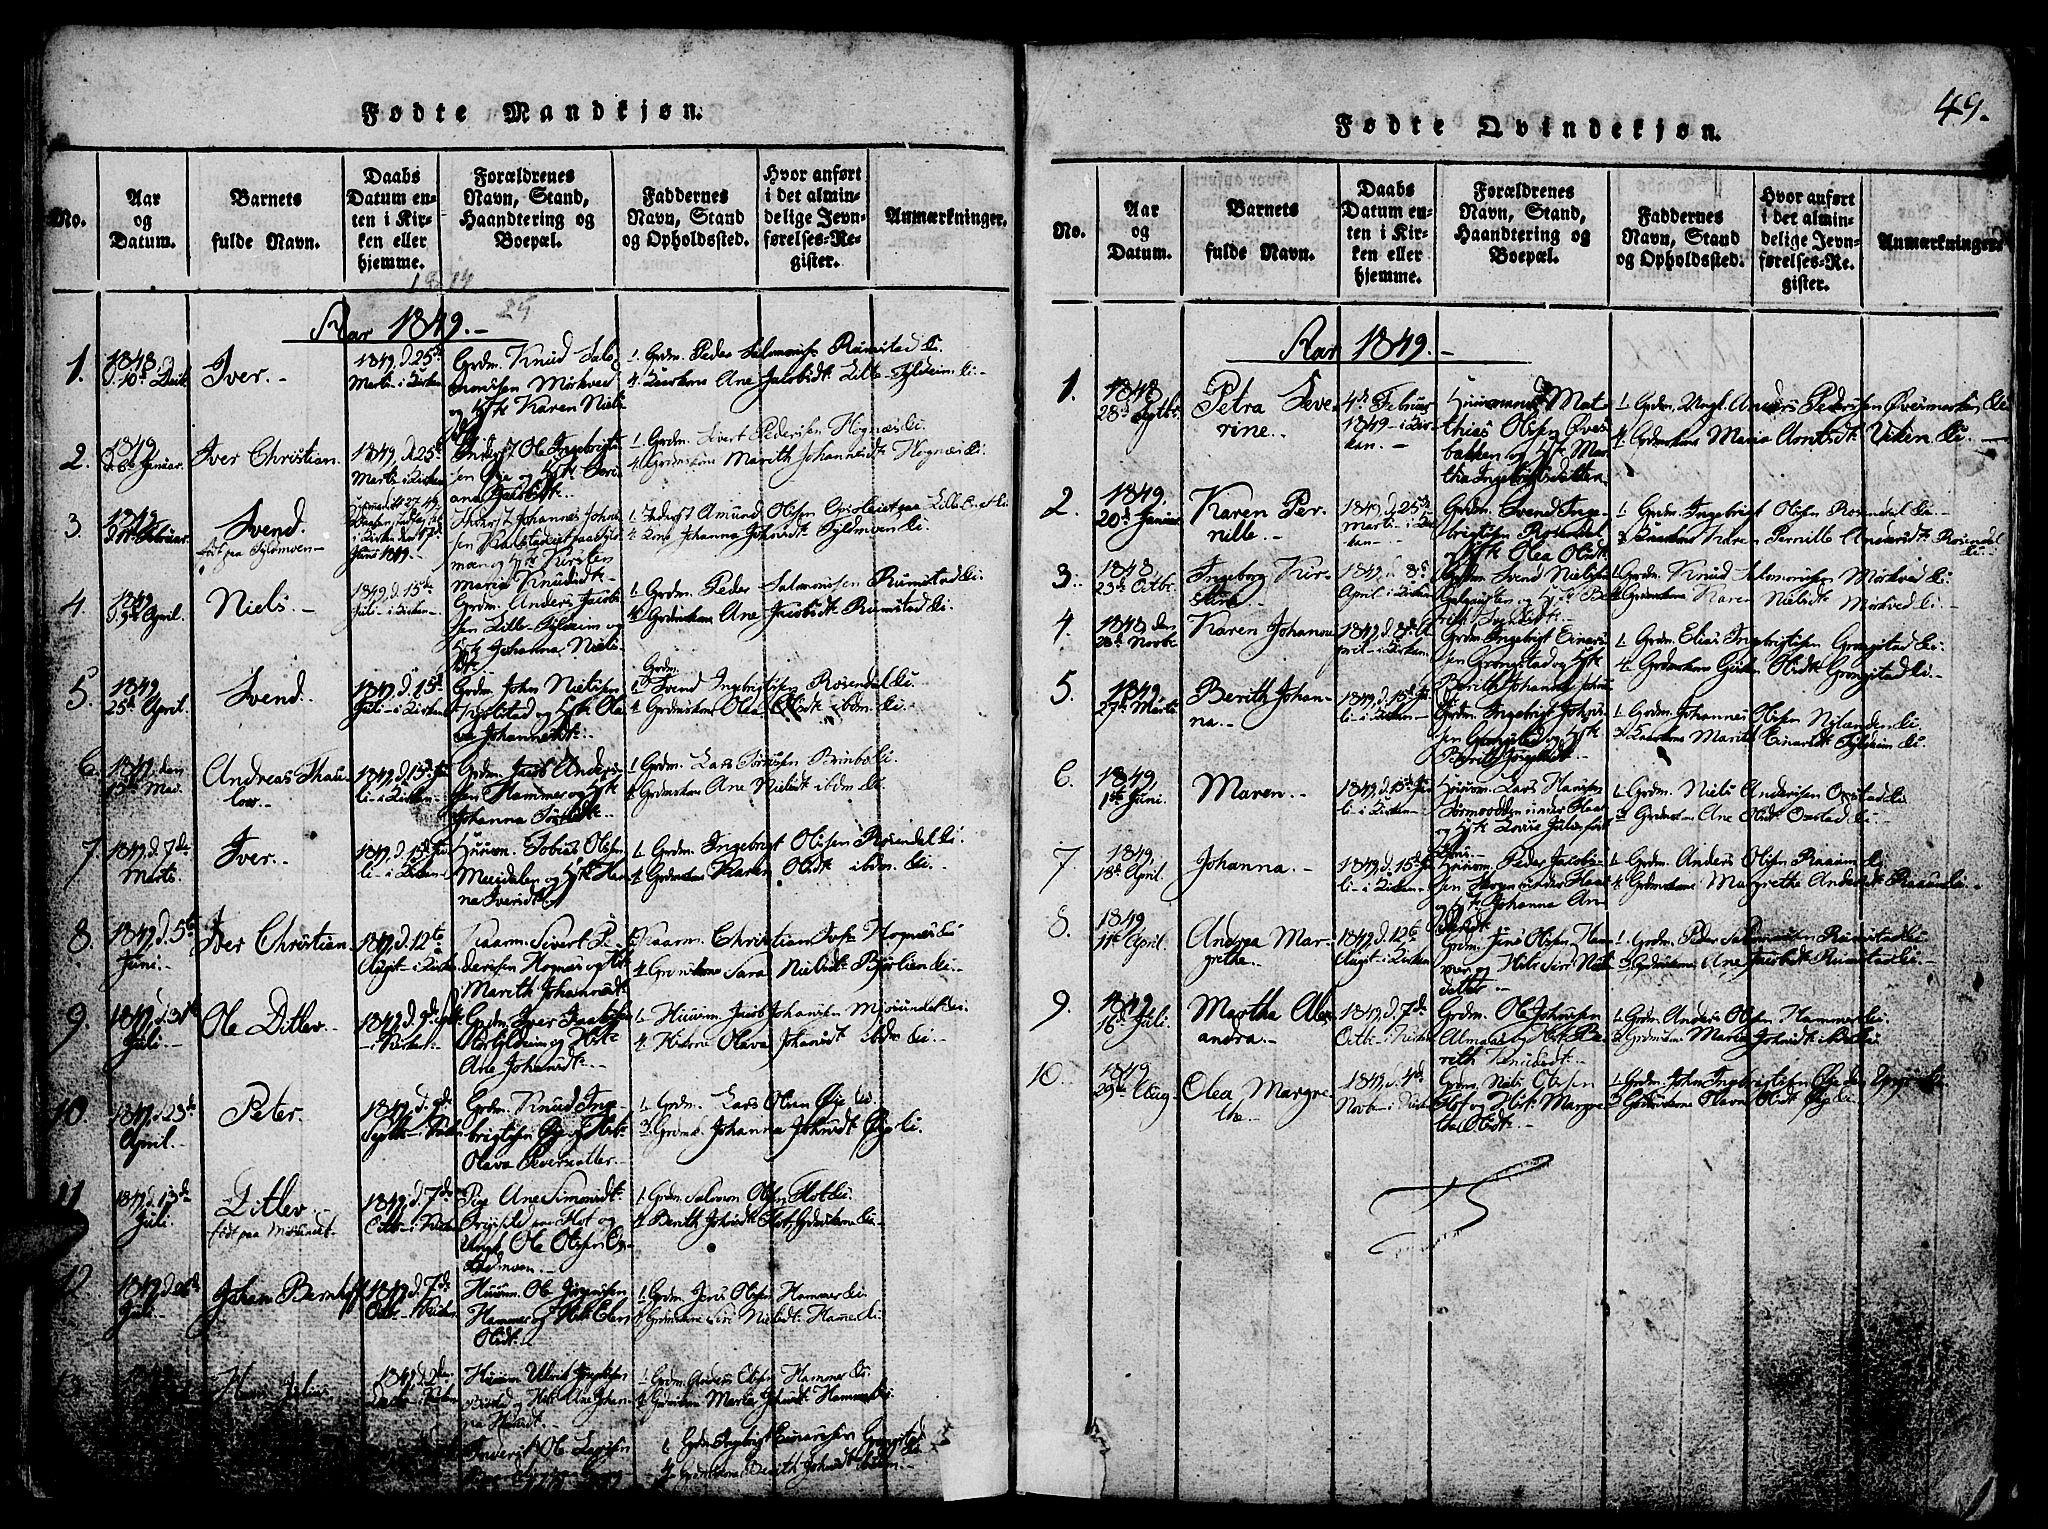 SAT, Ministerialprotokoller, klokkerbøker og fødselsregistre - Nord-Trøndelag, 765/L0562: Klokkerbok nr. 765C01, 1817-1851, s. 49